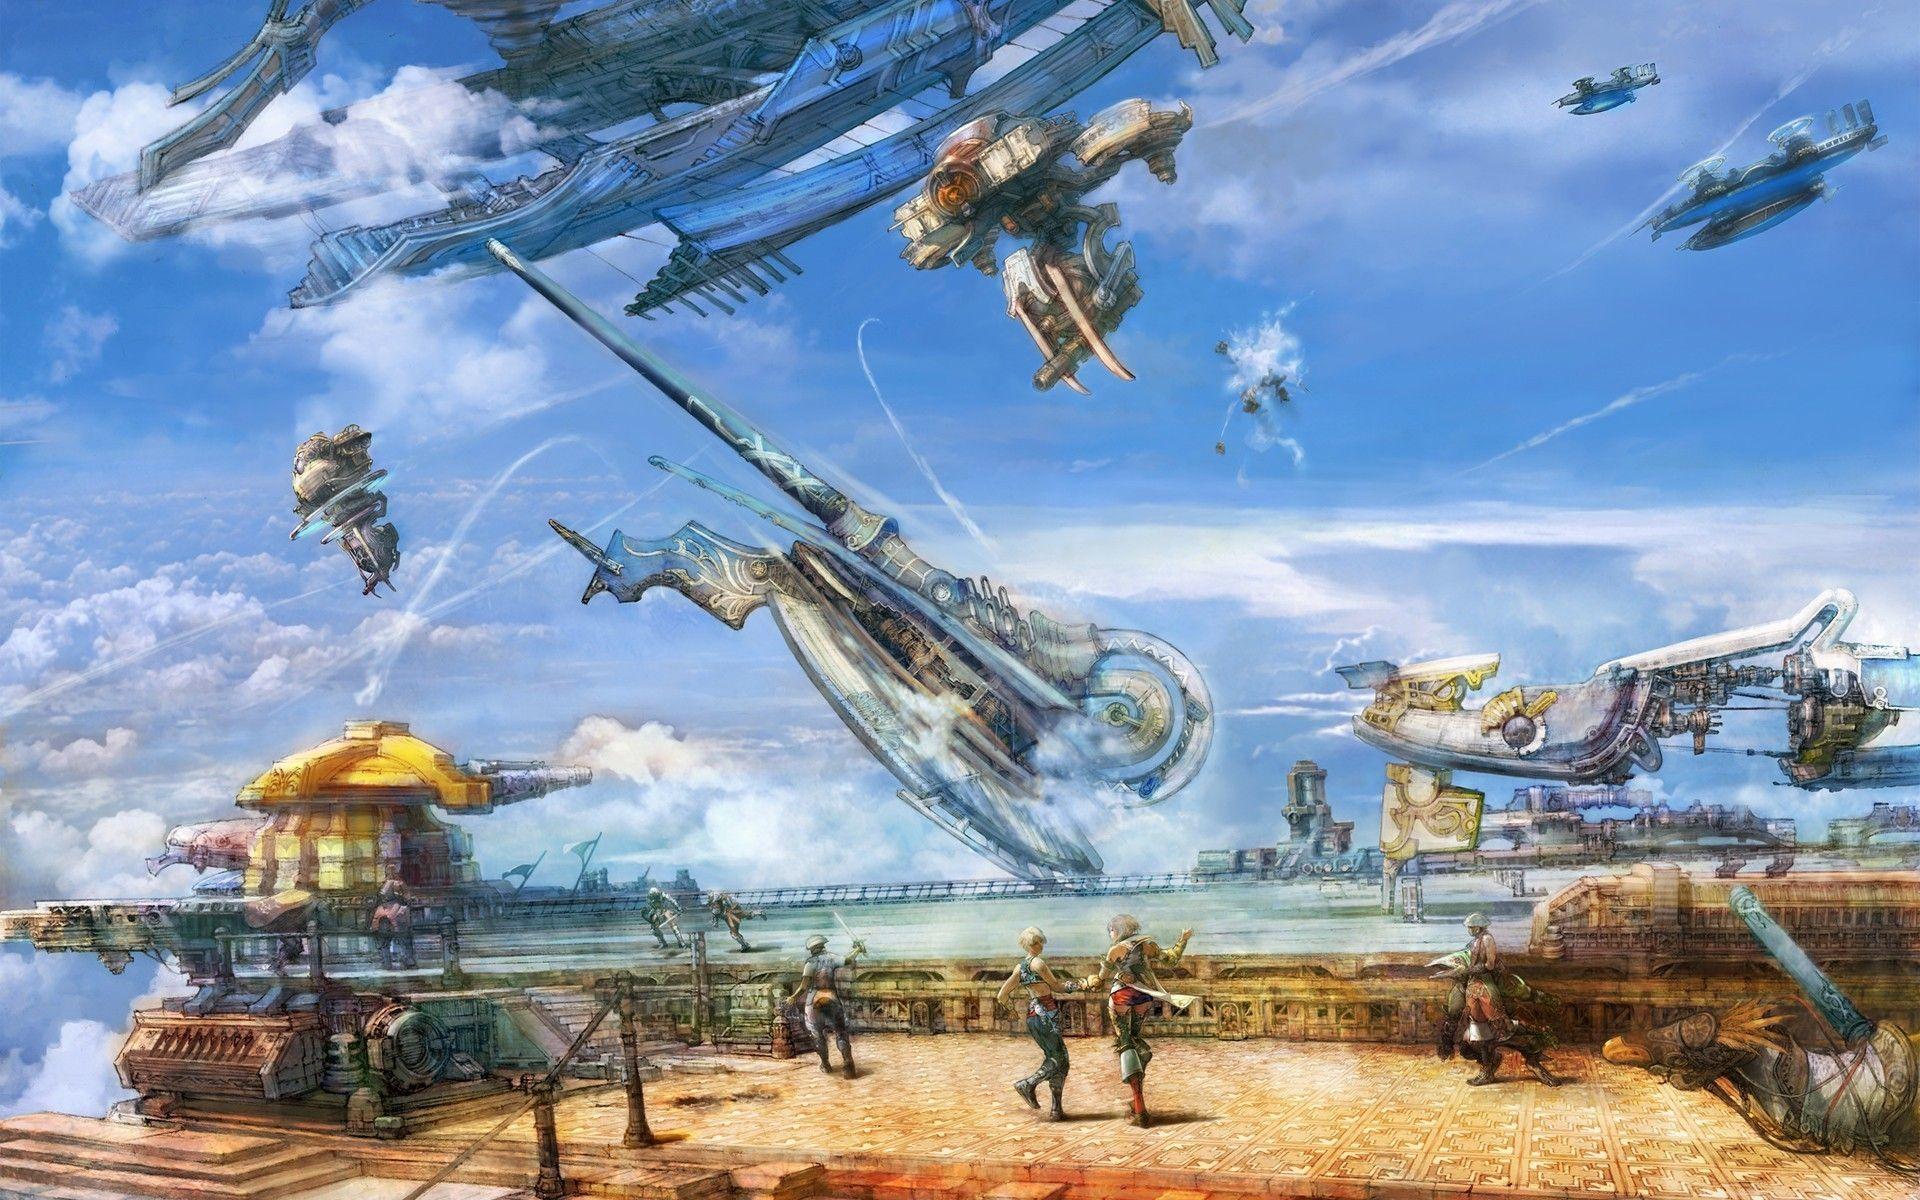 Final Fantasy Xii Vaan Airship Vehicles 1920x1200 Fantasy Xii